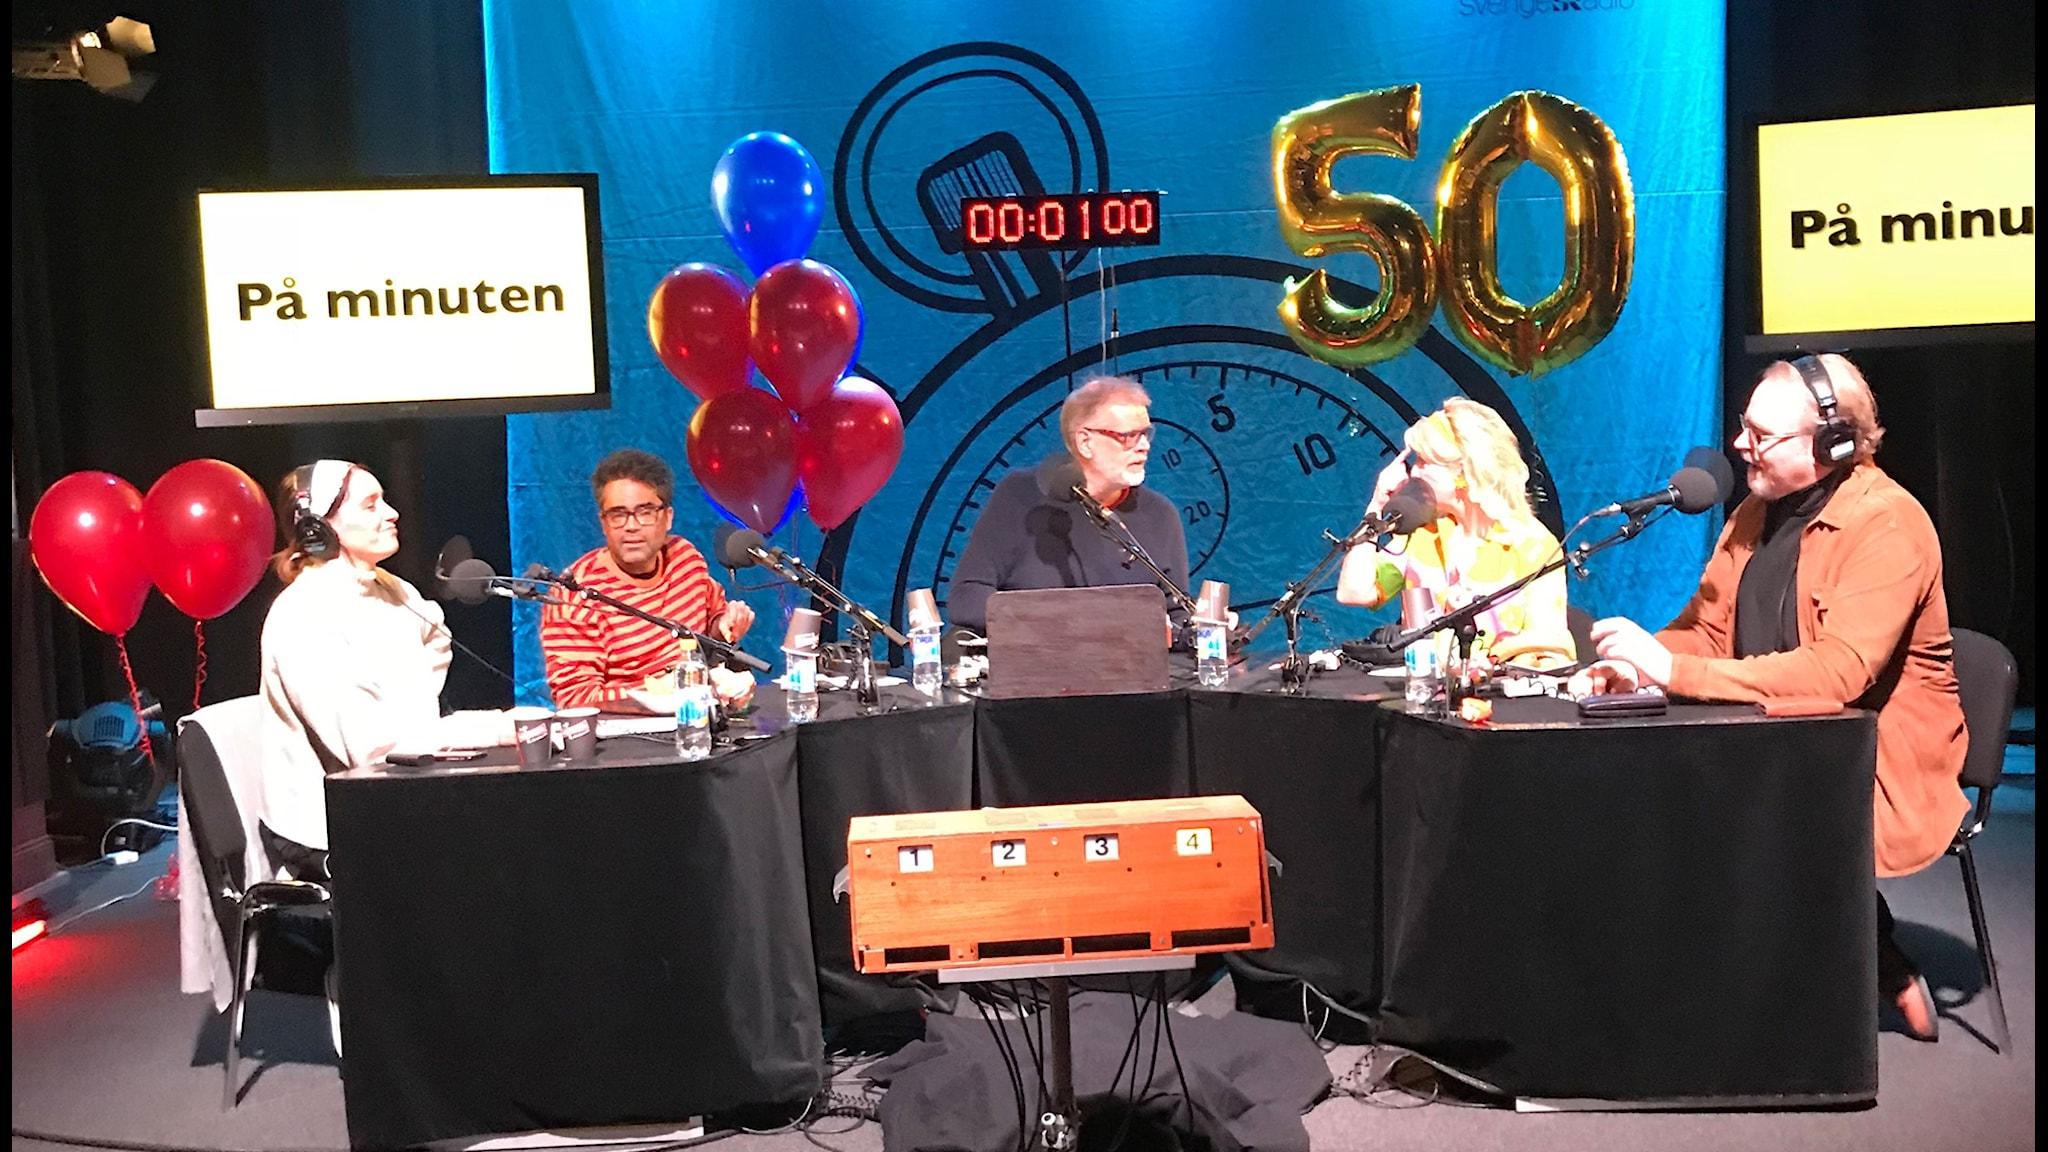 Vi firar att På minuten fyller 50 år!